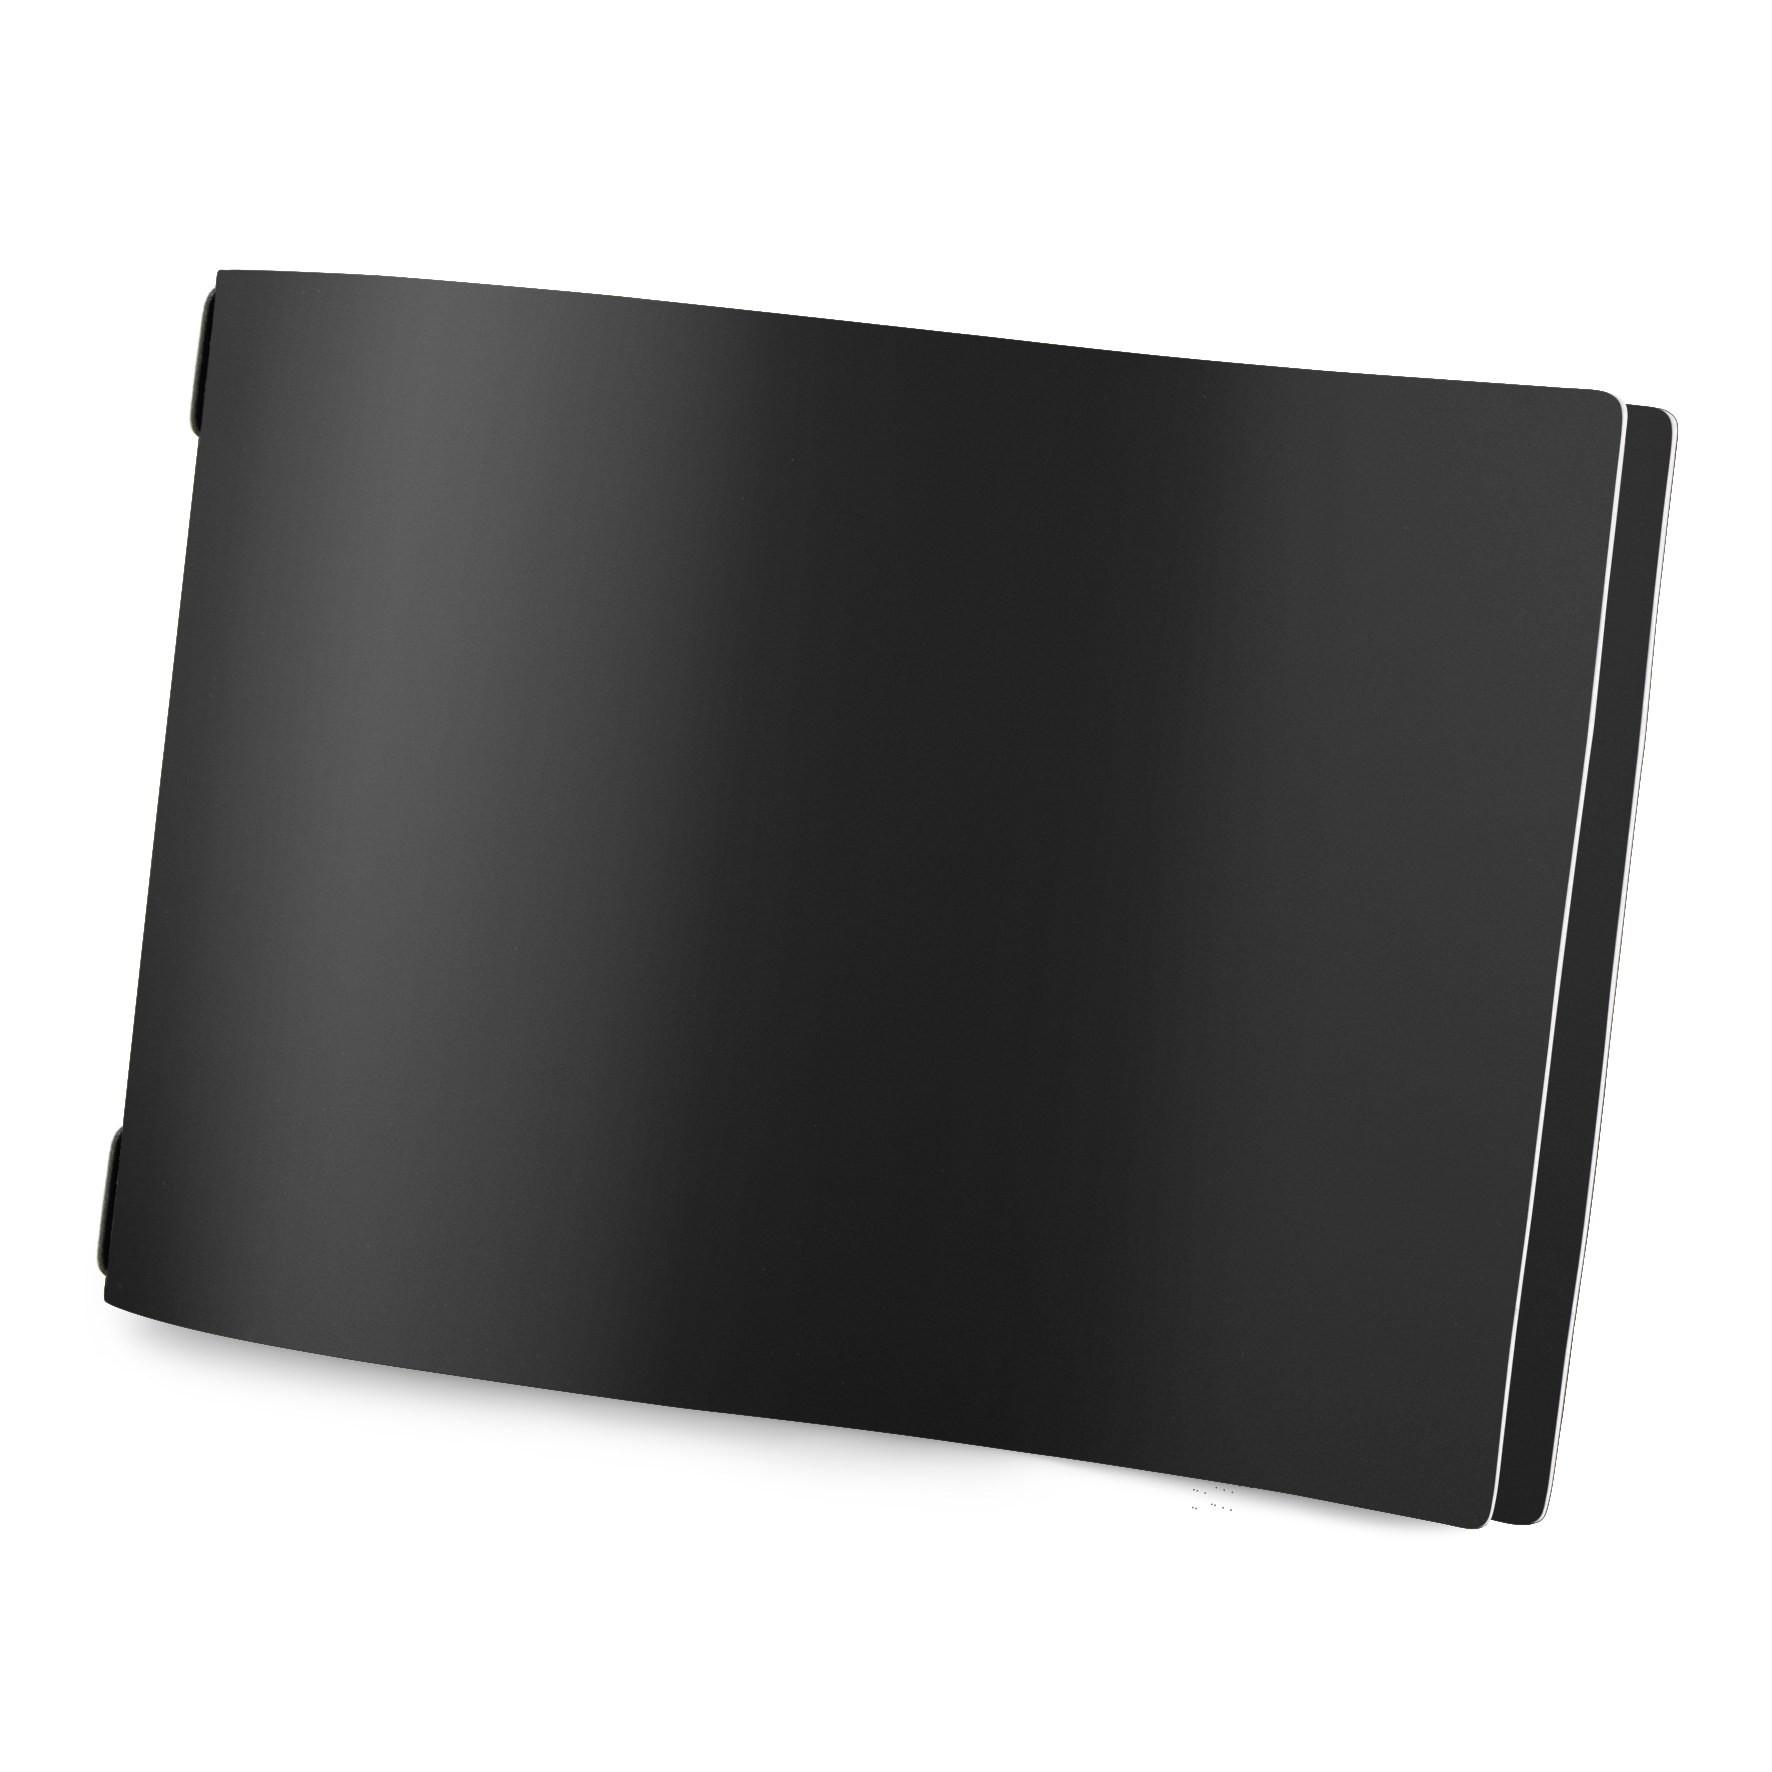 Protège menu format A4 modèle HORIZONTAL couleur noir aspect lisse - 2 inserts inclus